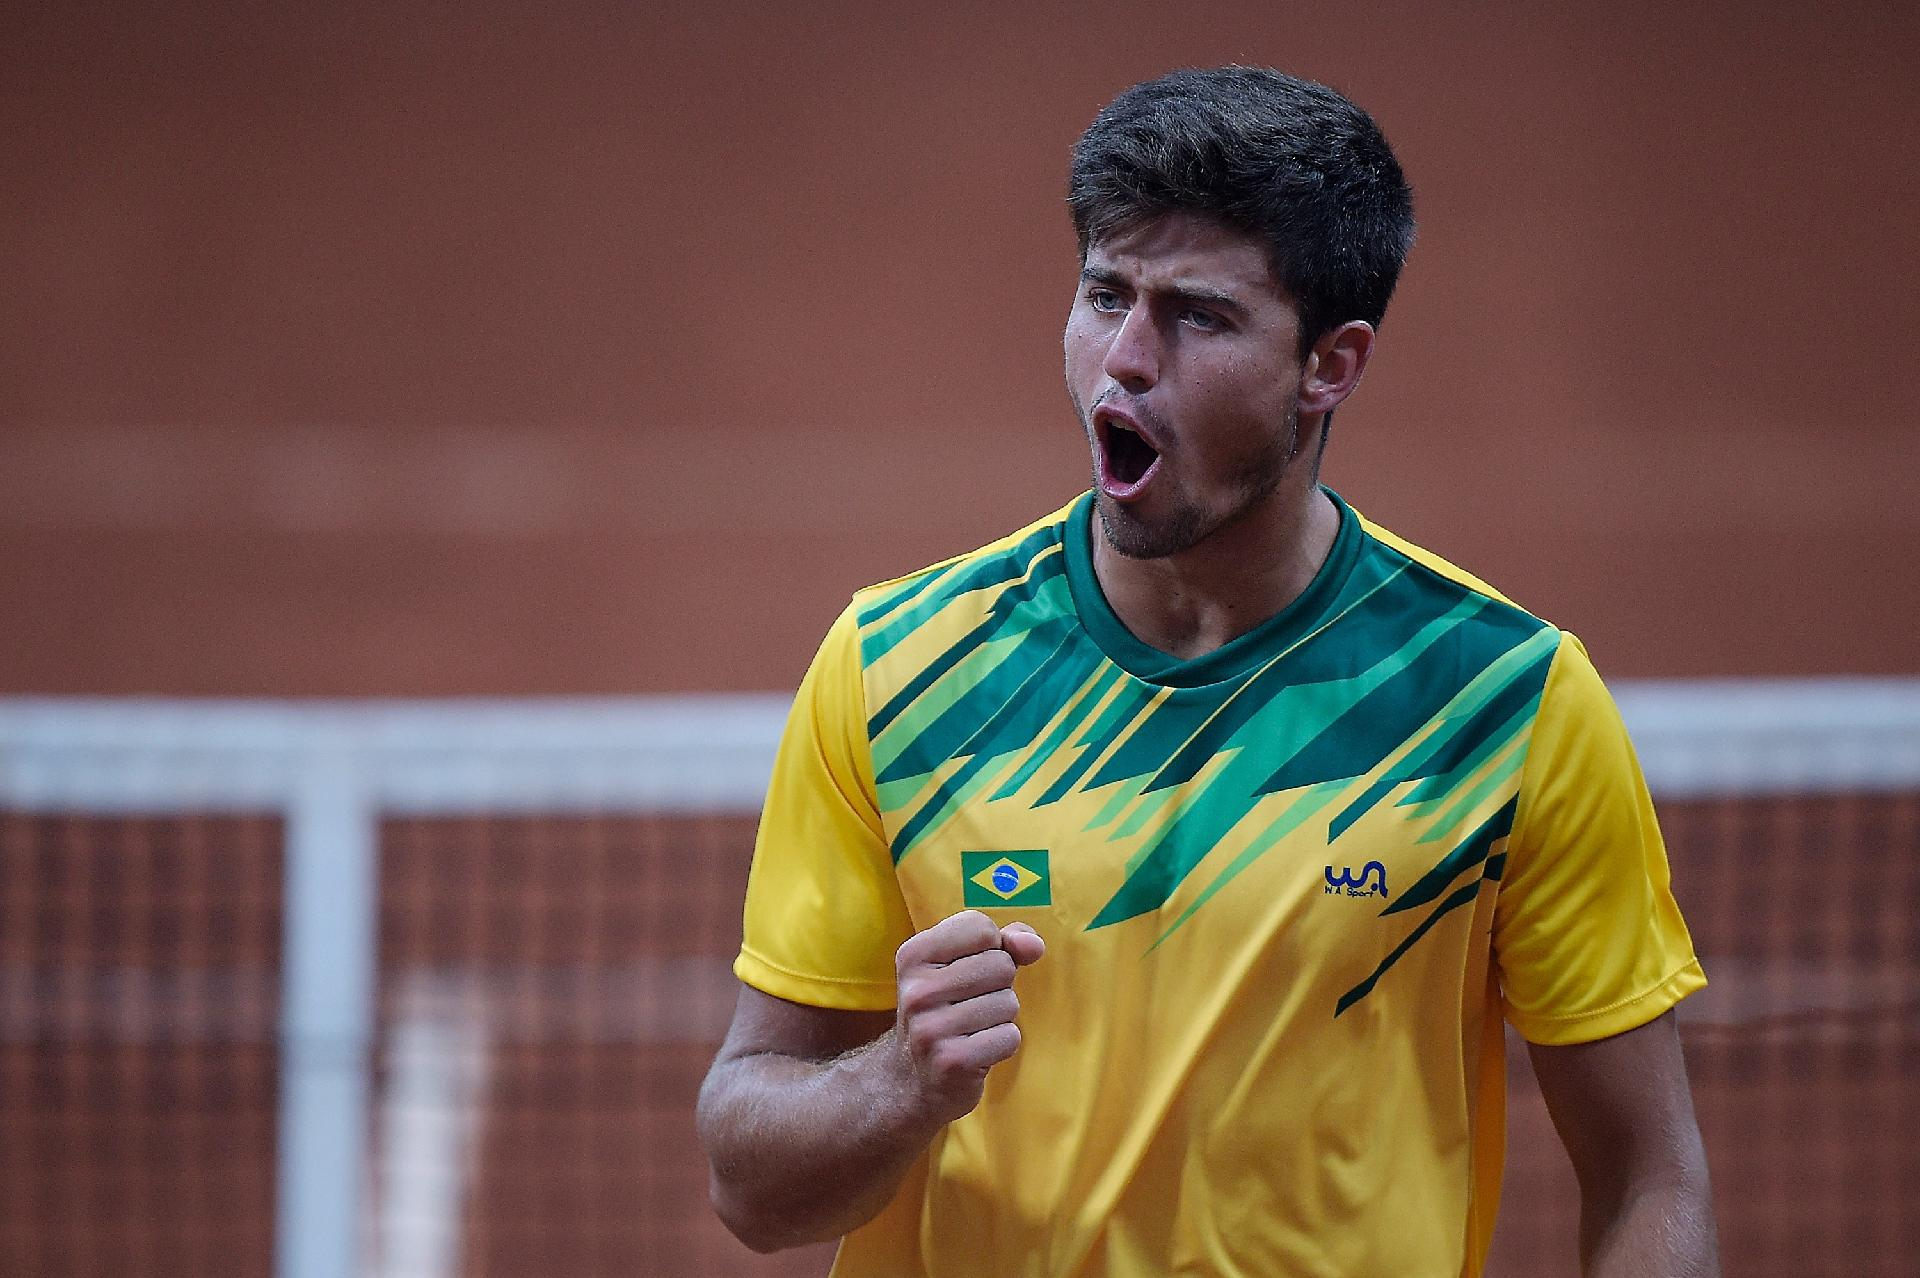 João Menezes supera chileno e fica com o ouro em Lima